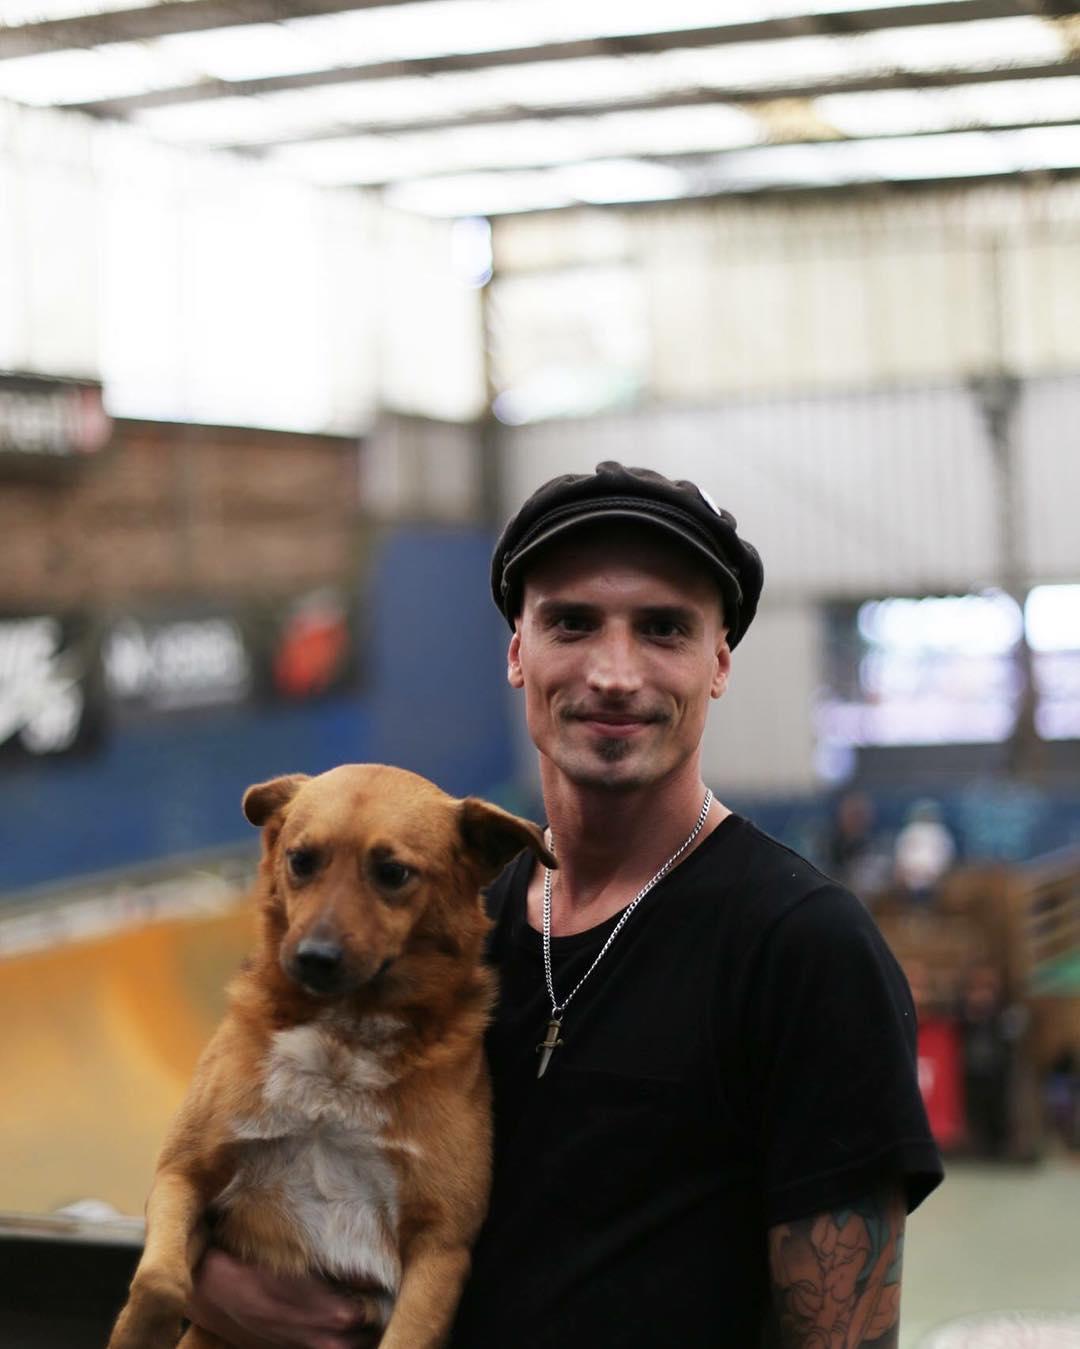 Nash y su compañero Jimmy Colors en el @ehparkparadise_skatepark  Feliz día para nuestros fieles amigos!